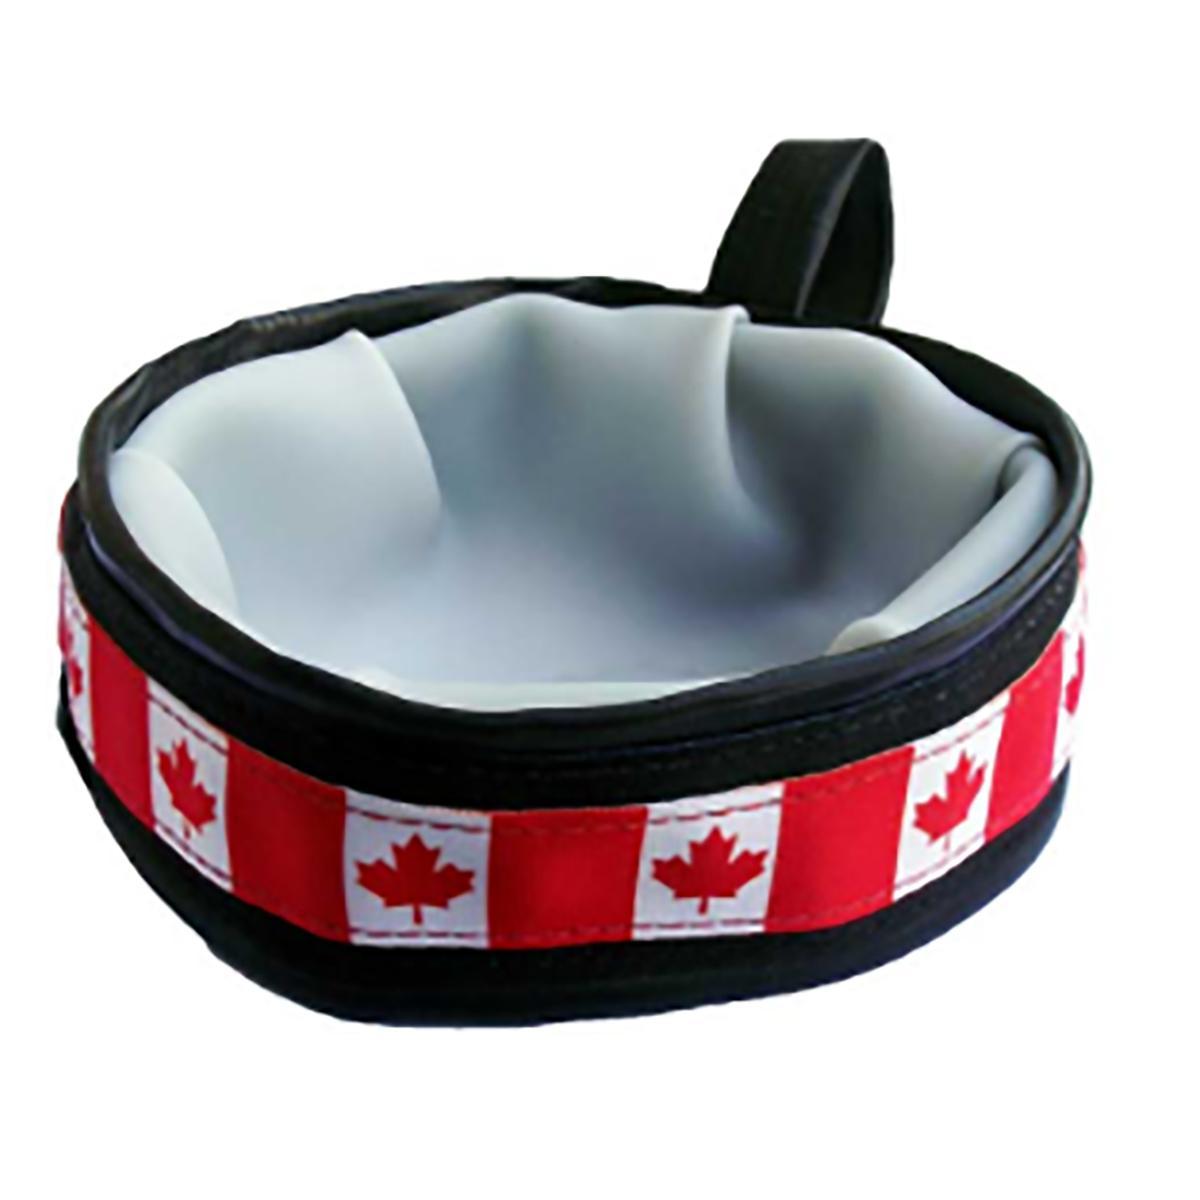 Trail Buddy Portable Dog Bowl by Cycle Dog - Canada Maple Leaf